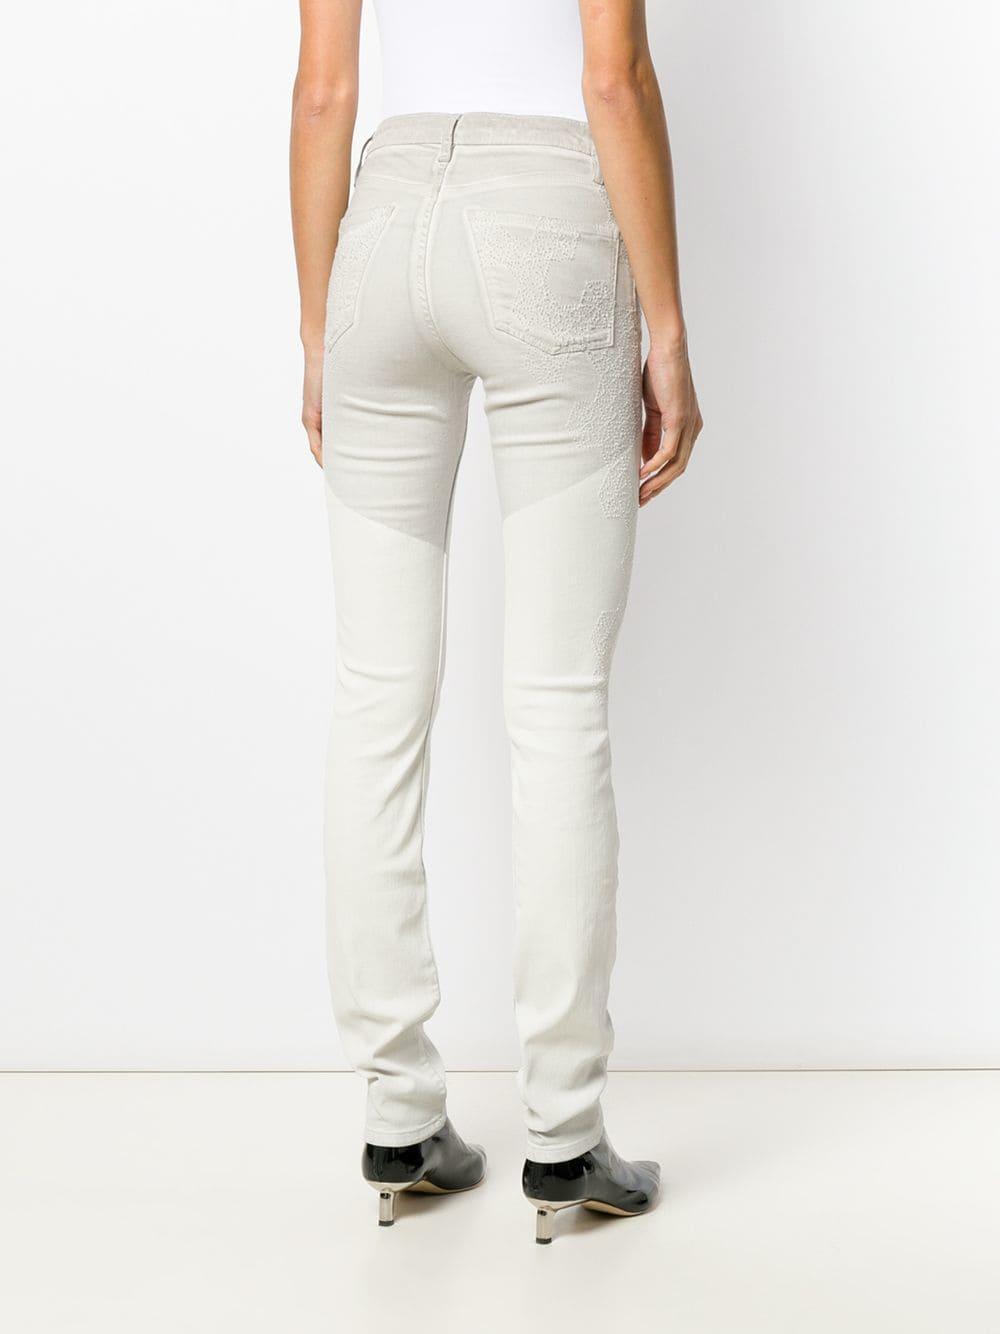 Zadig & Voltaire Denim Zweifarbige Jeans in Weiß X1Ref